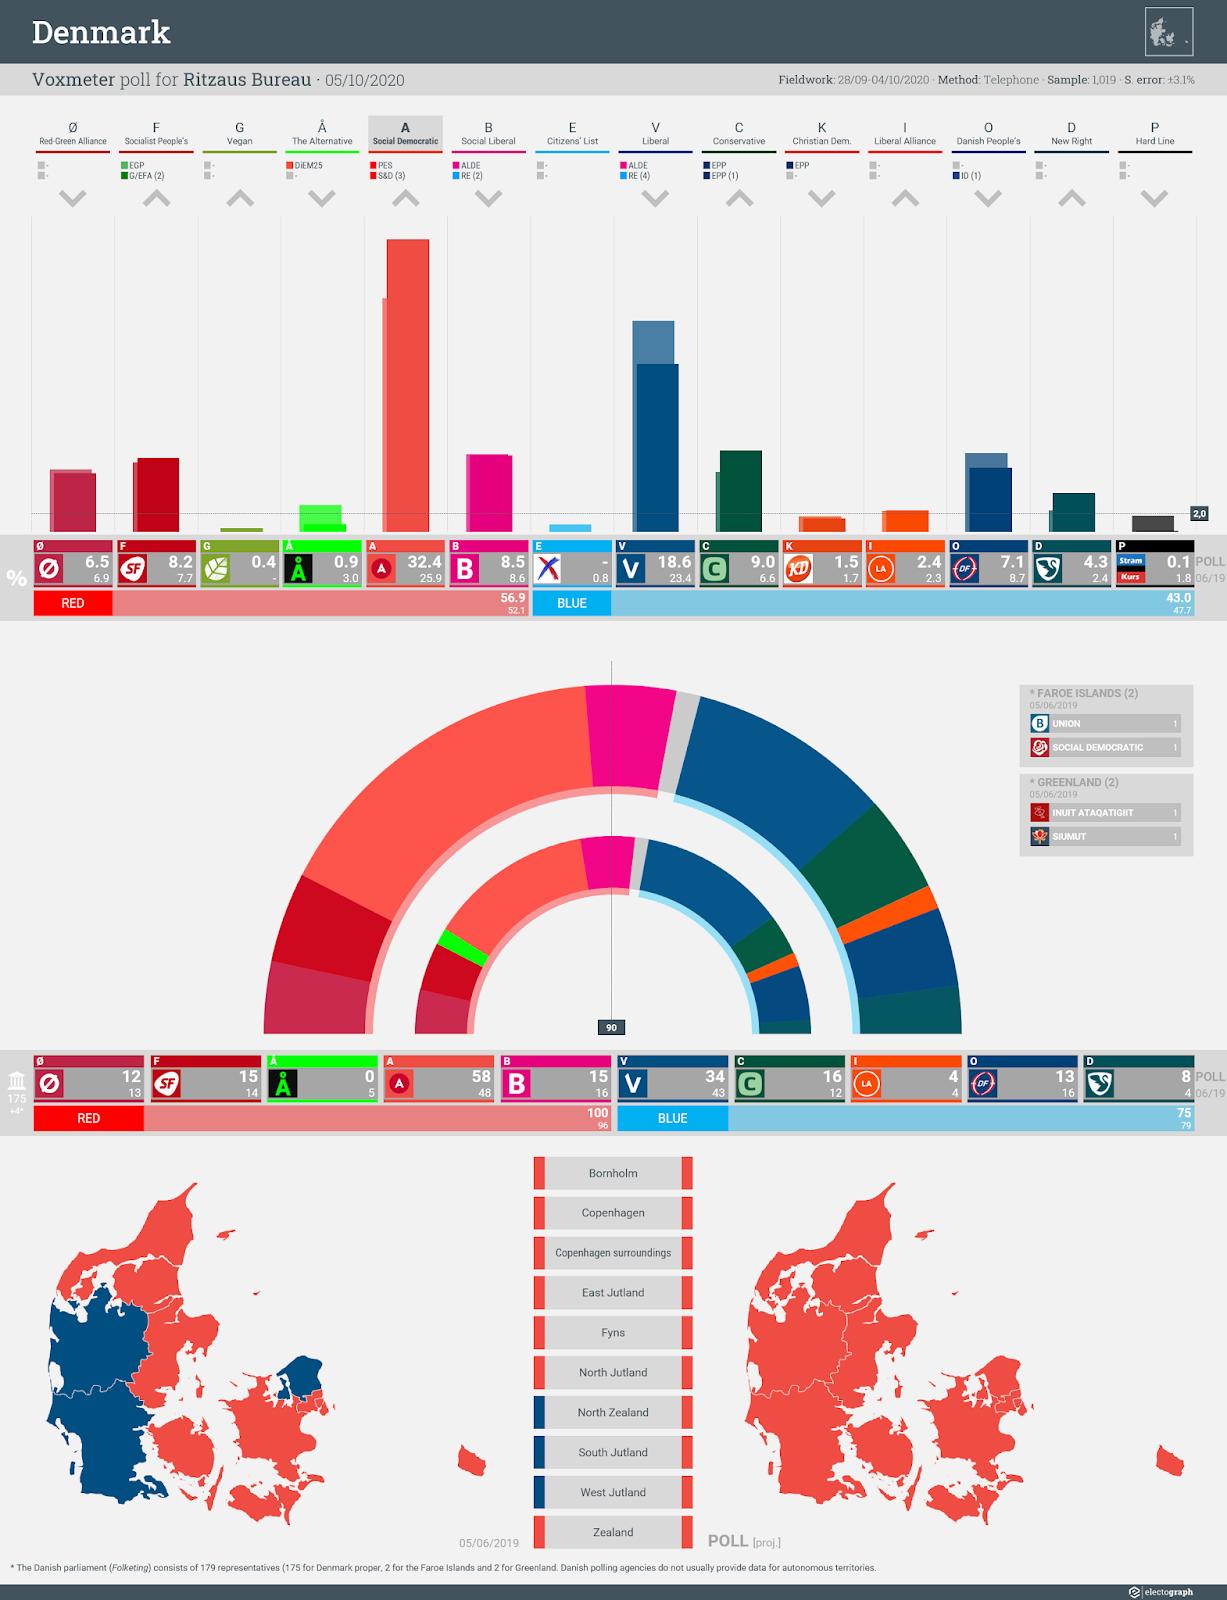 DENMARK: Voxmeter poll chart for Ritzaus Bureau, 5 October 2020